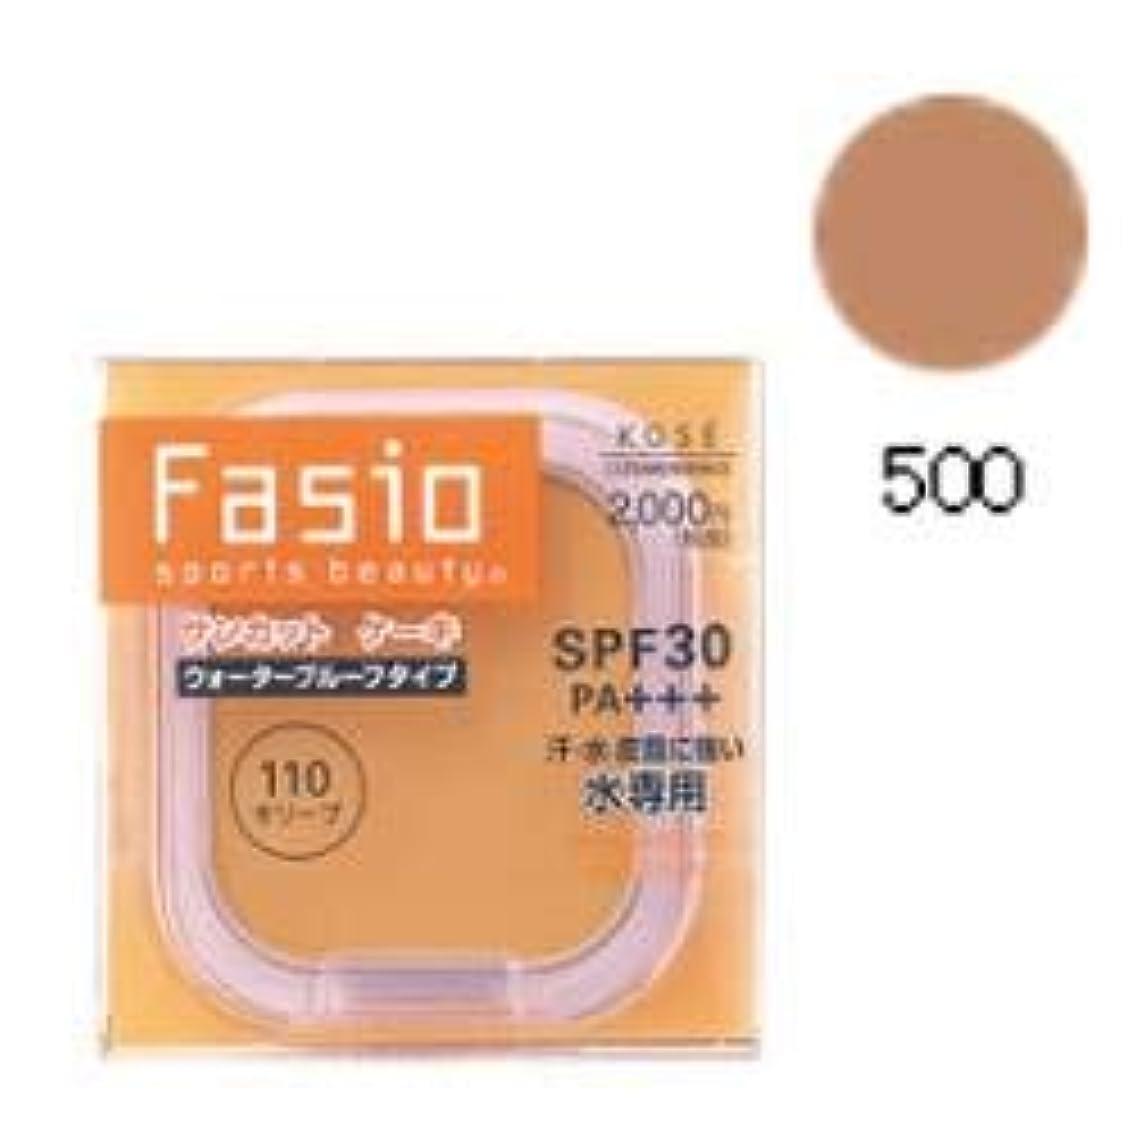 打たれたトラック溶接良性コーセー Fasio ファシオ サンカット ケーキ 詰め替え用 500